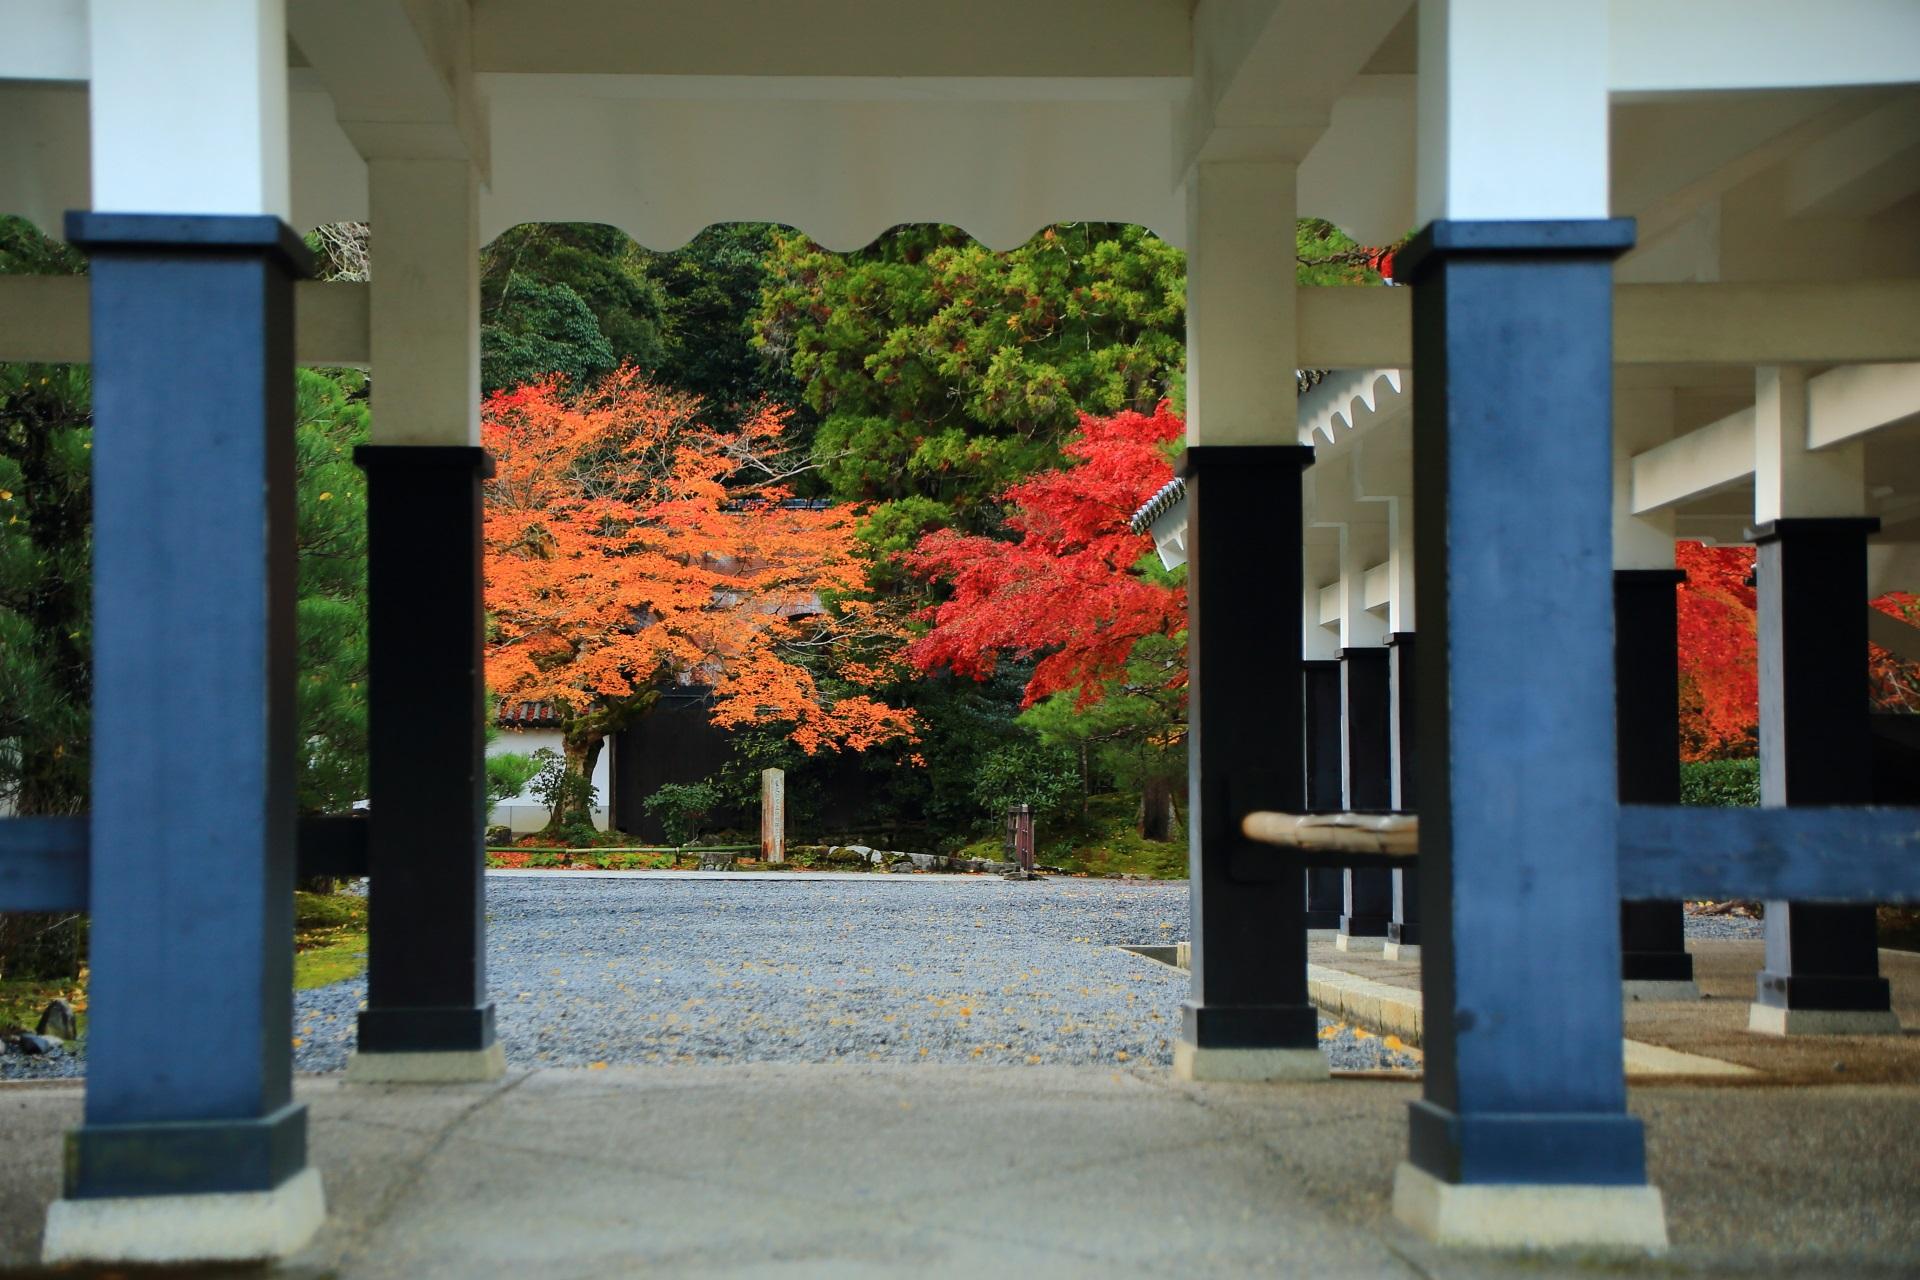 南禅寺の独特の回廊と紅葉が作り出す絵になる秋の風景